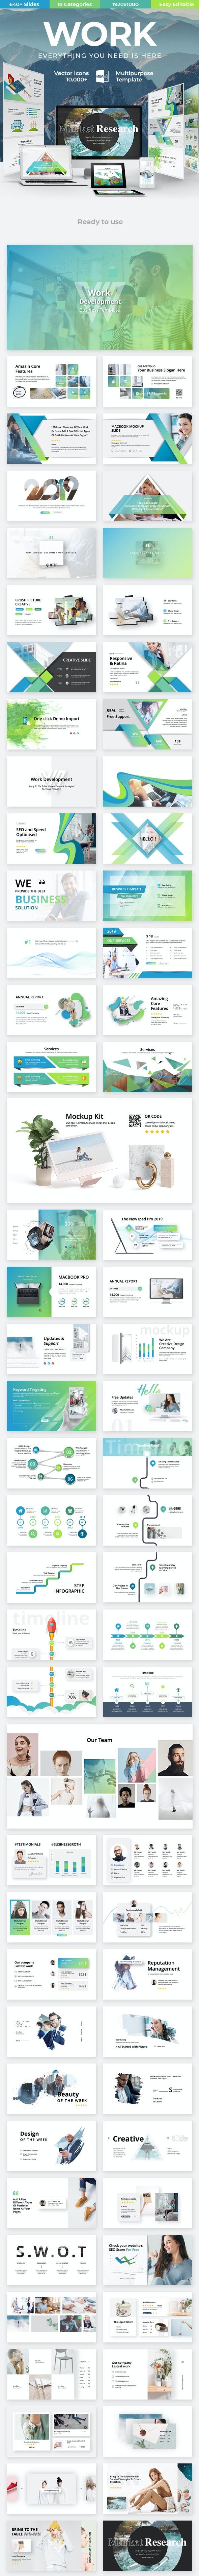 Work Development Business Powerpoint Template - Business PowerPoint Templates